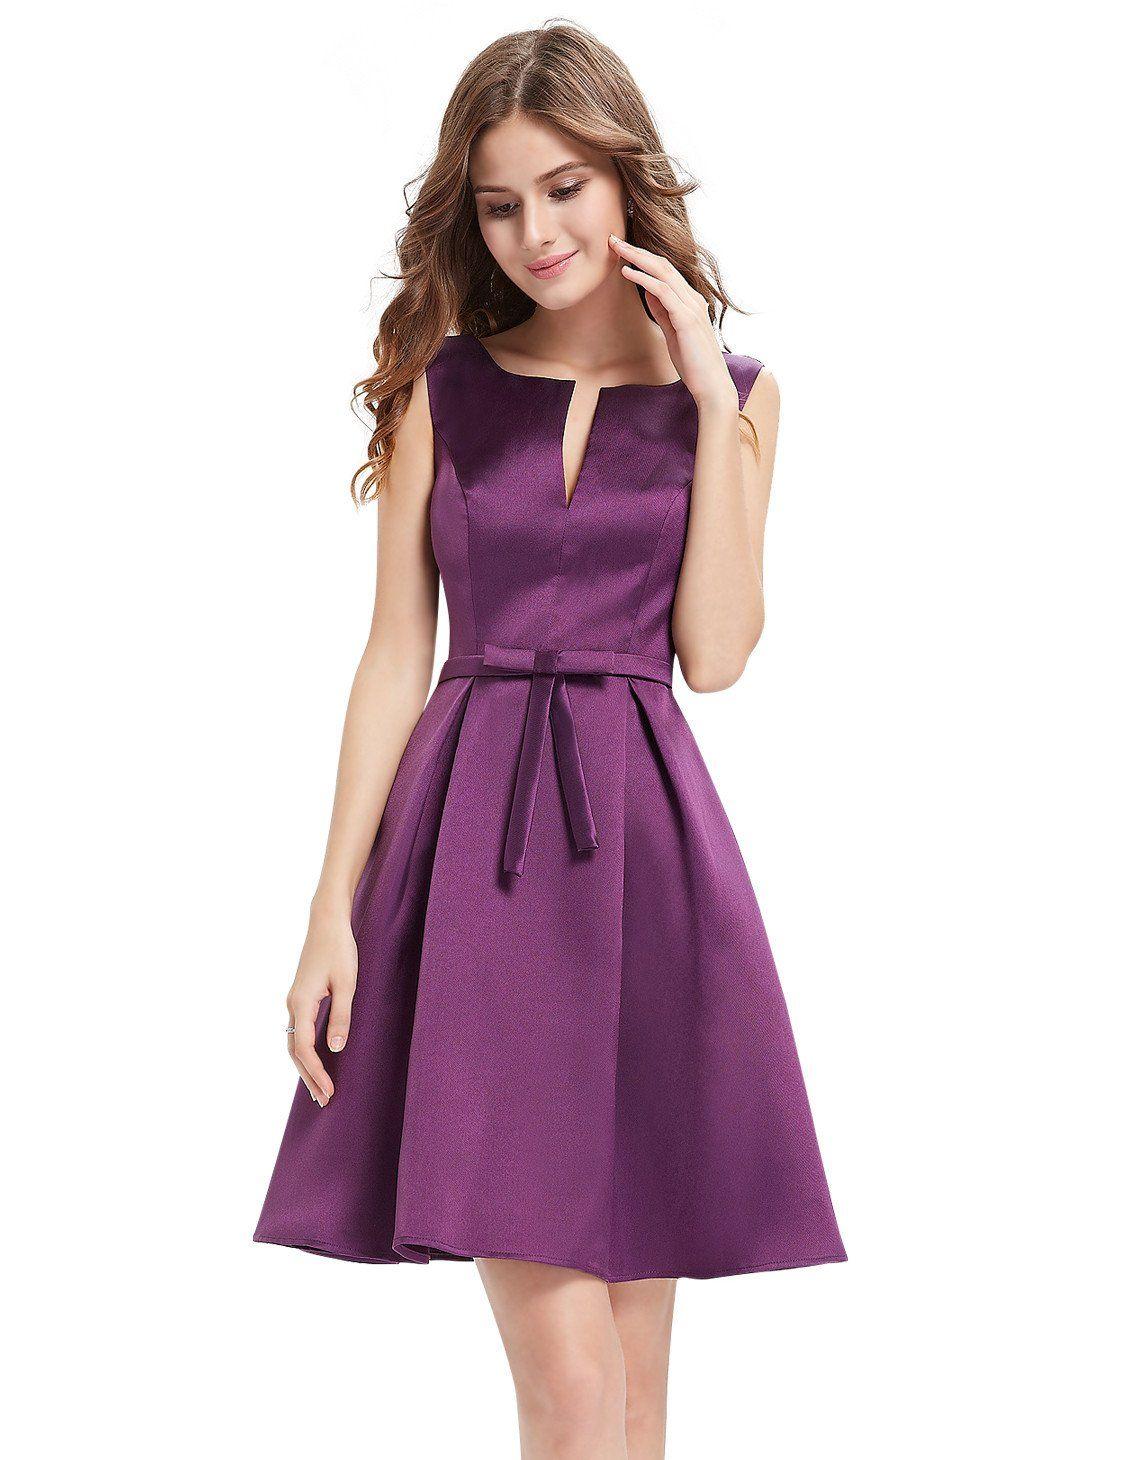 Vestido escote en pico Aina | Outfit | Pinterest | Escote, Vestidos ...